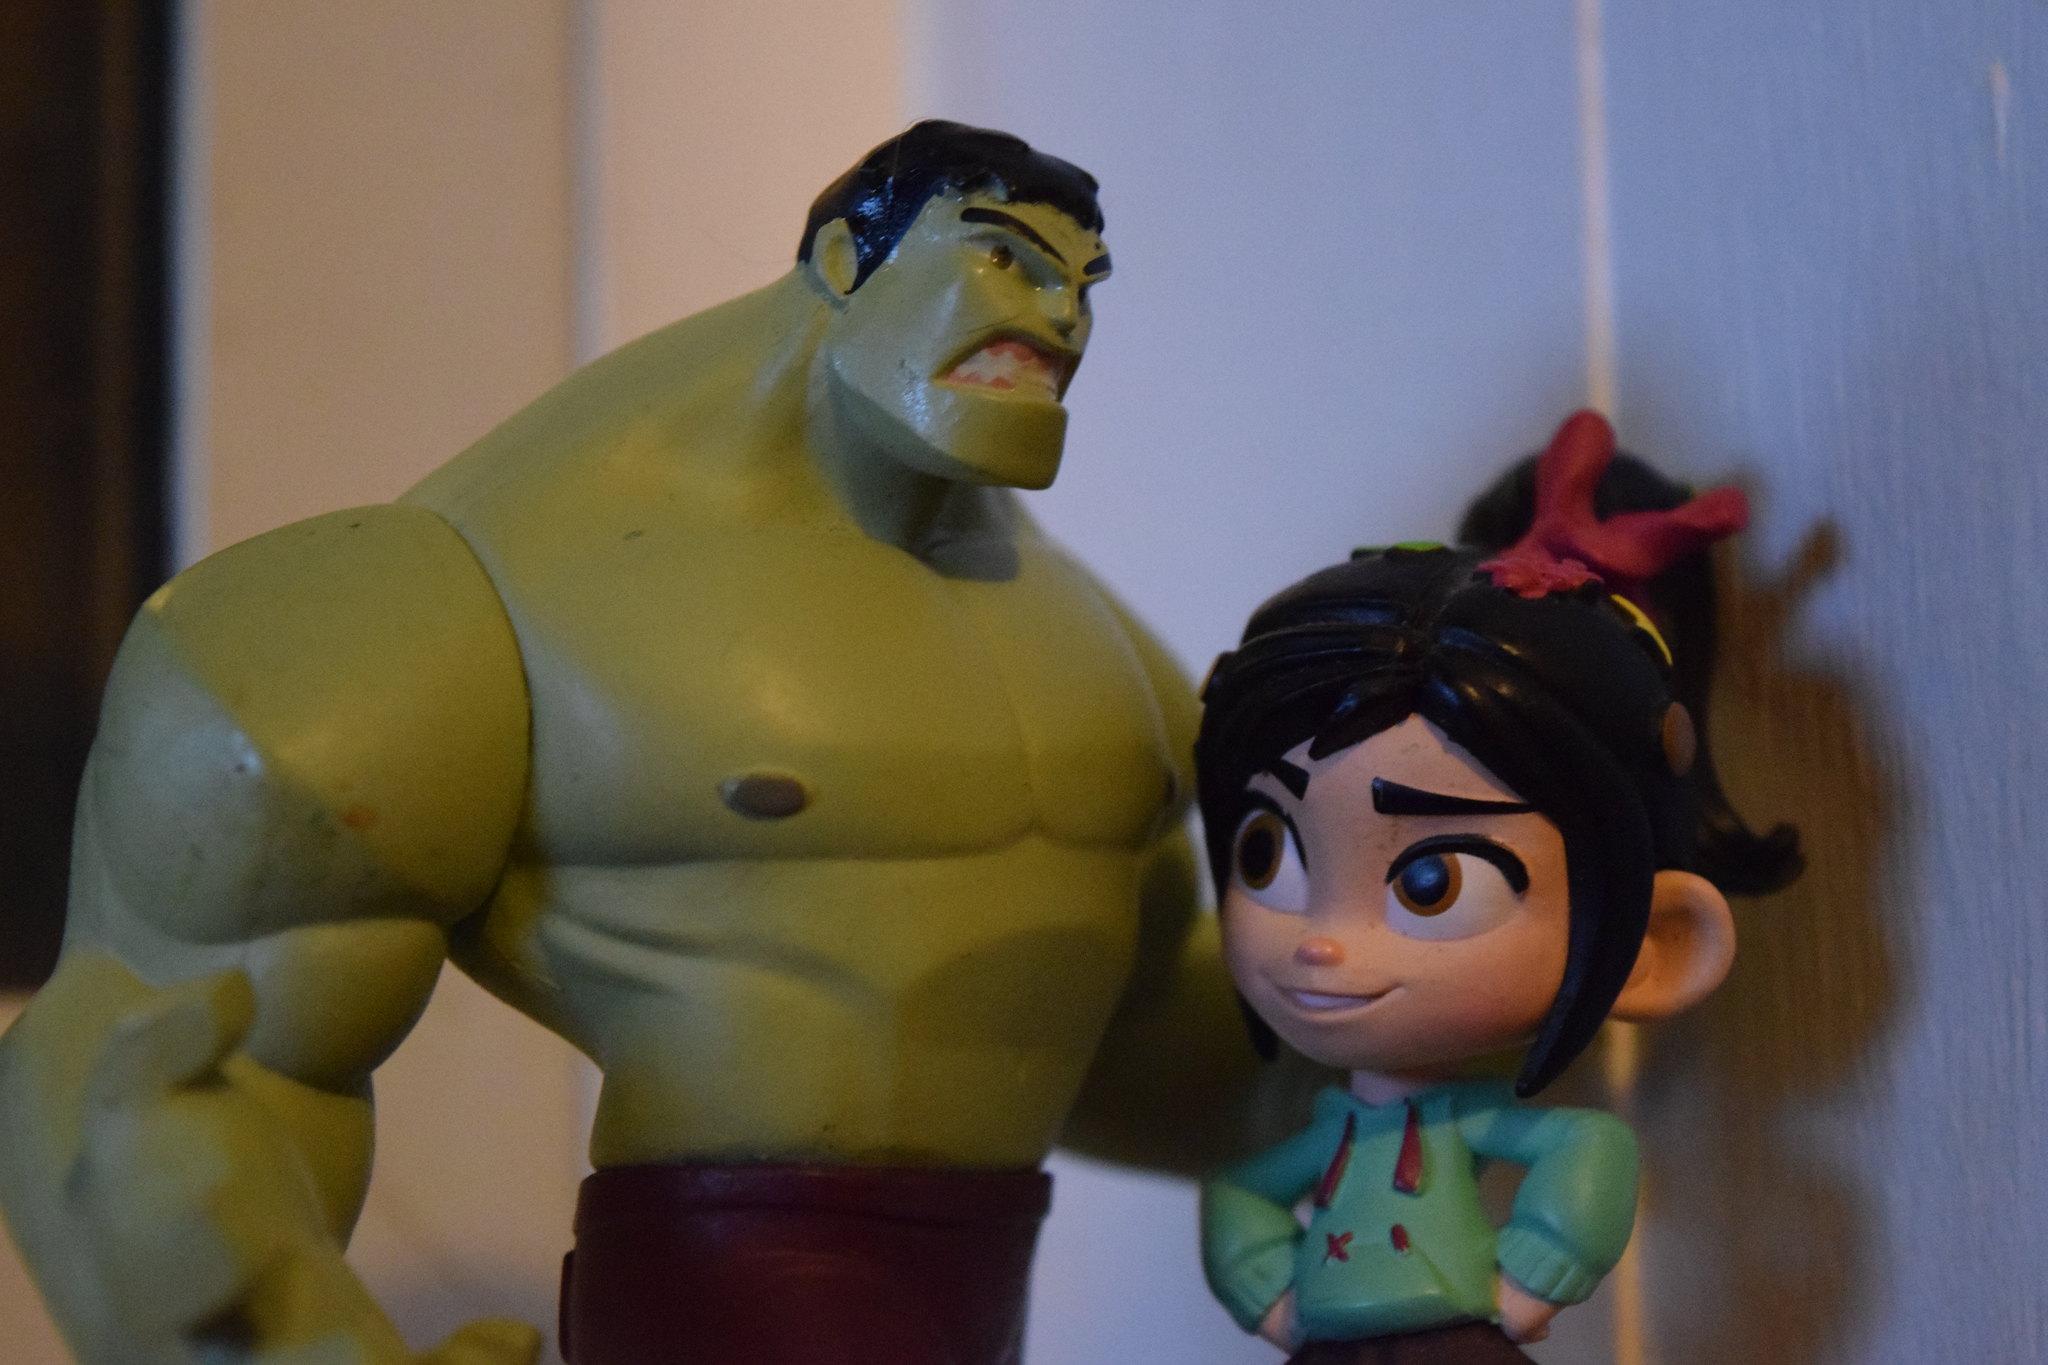 Hulk No Smash President